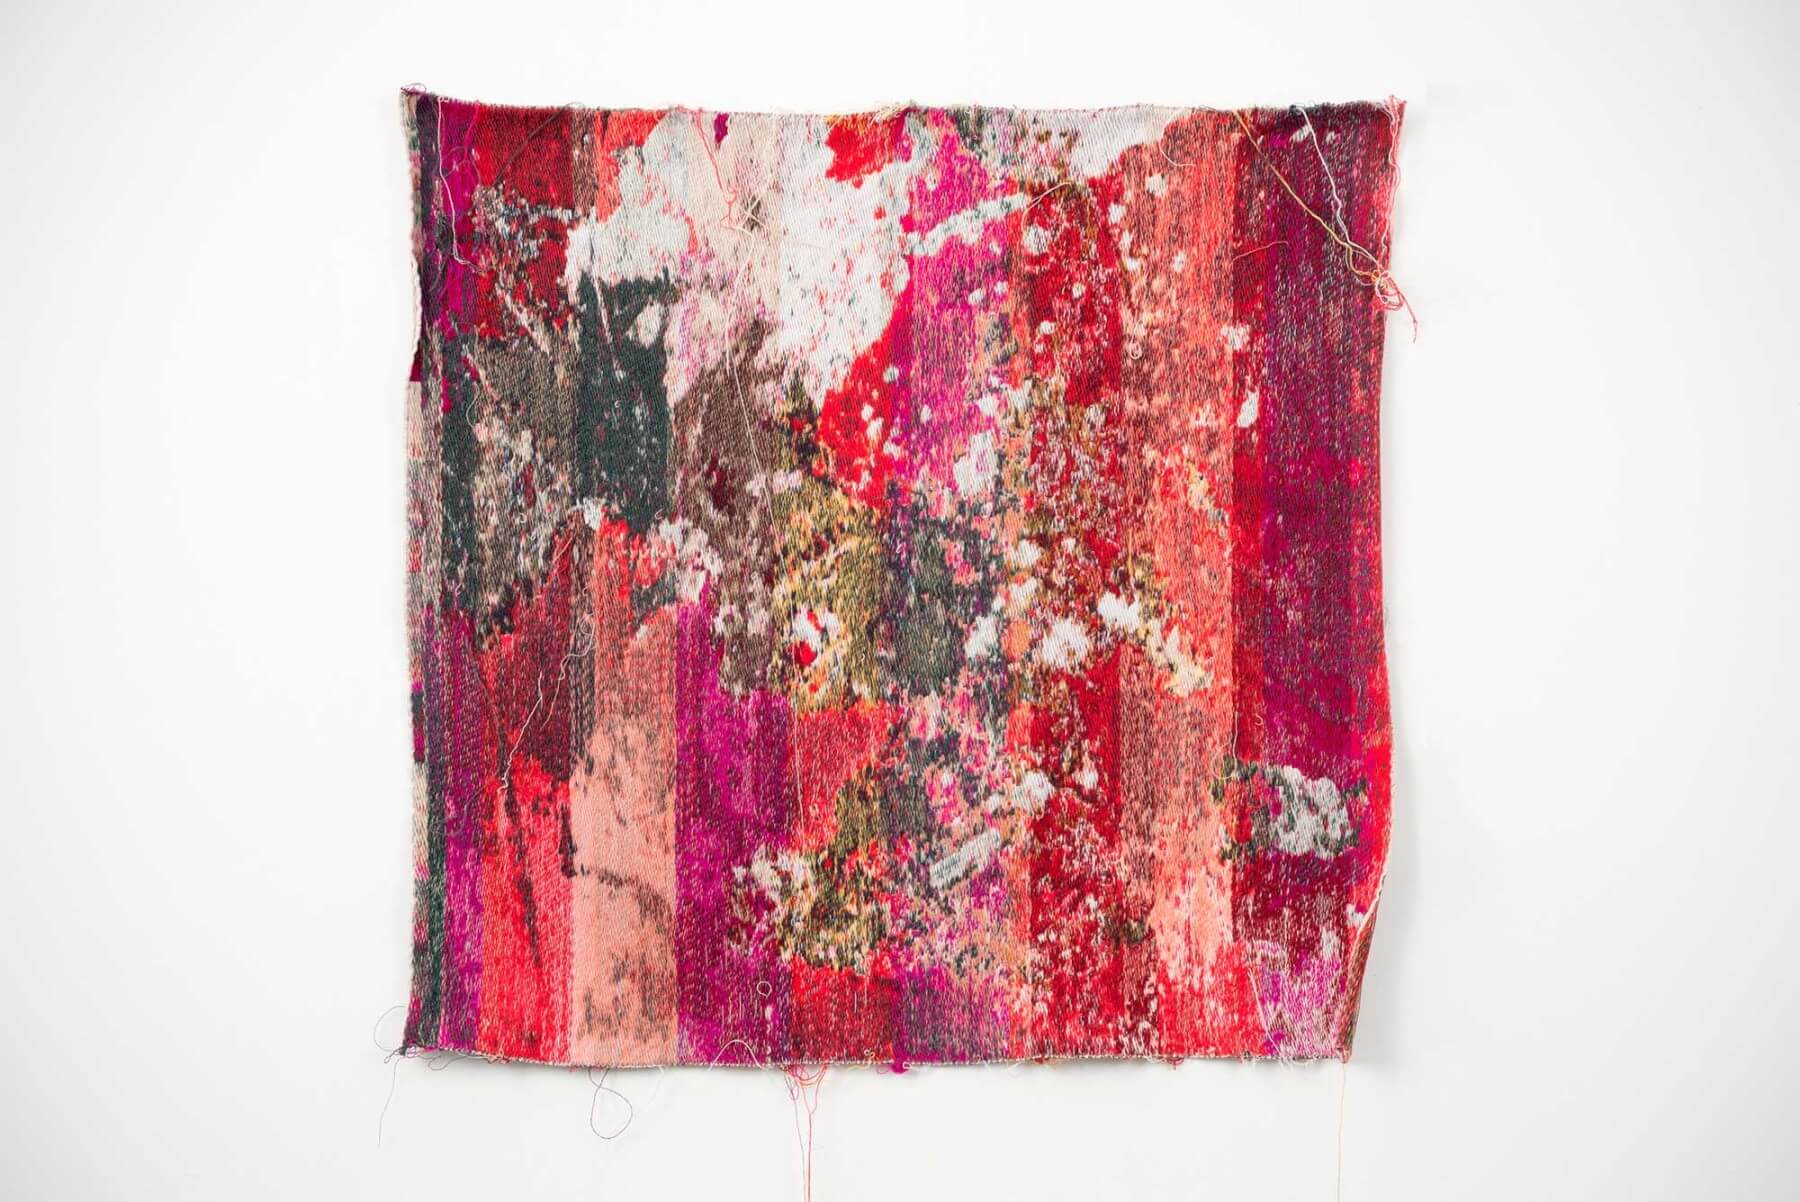 Red&whiteverechadpanhudaiondaahoneymoon - wall tapestry